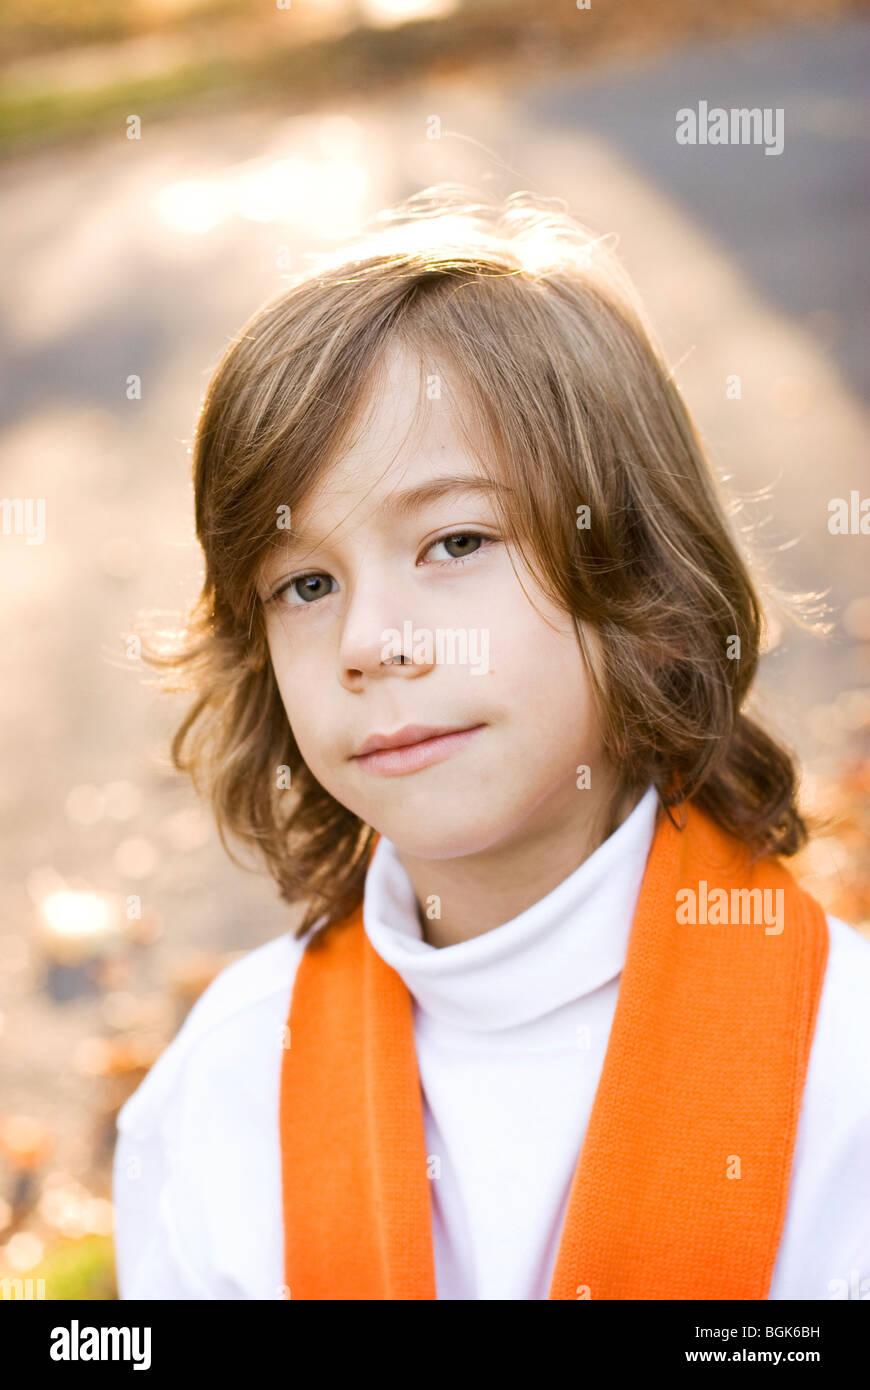 Cabeza y hombros foto del niño Imagen De Stock